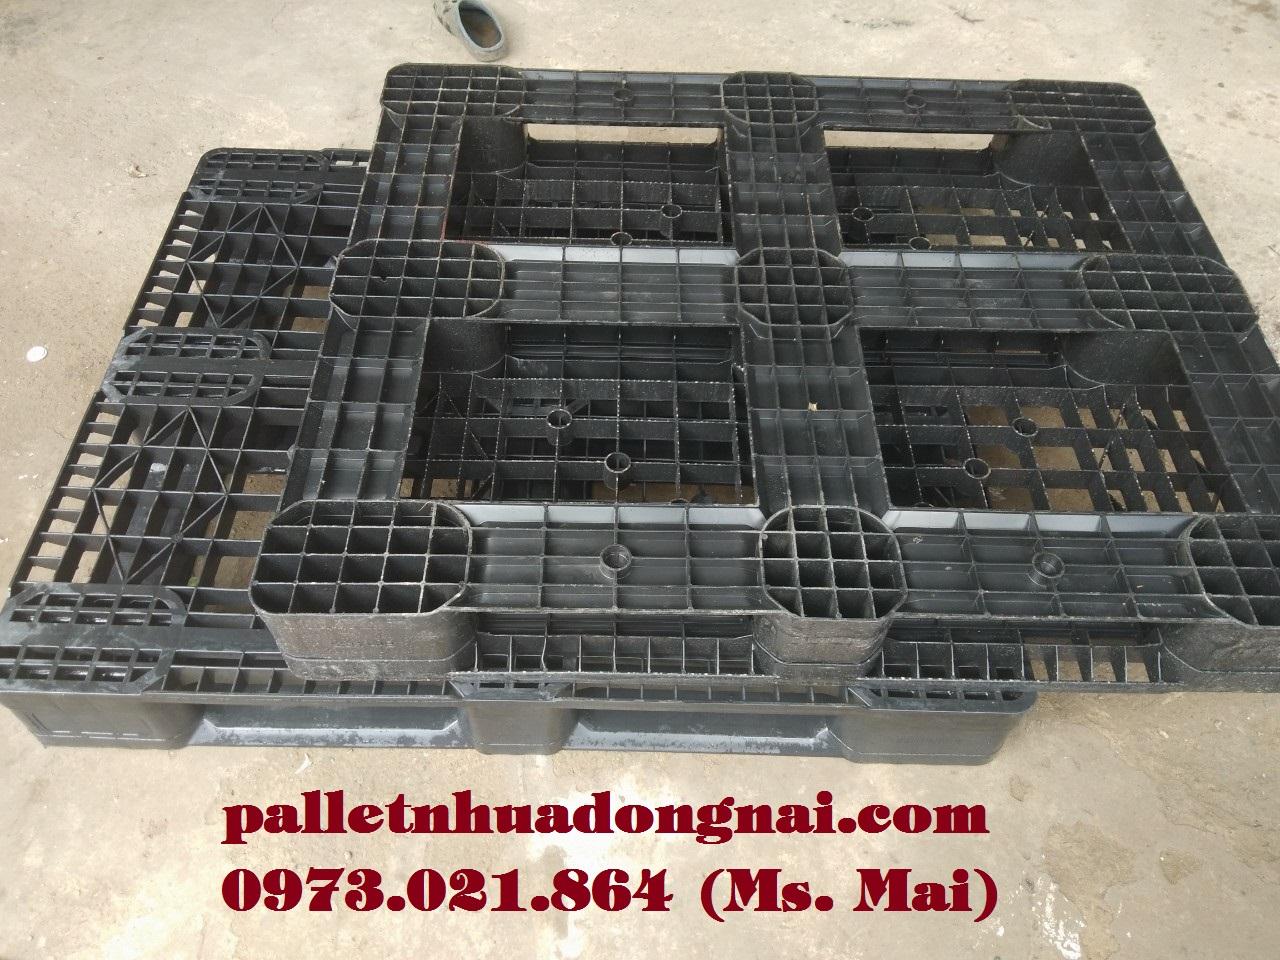 Pallet nhựa Hàn Quốc chất lượng tốt nhất trên thị trường